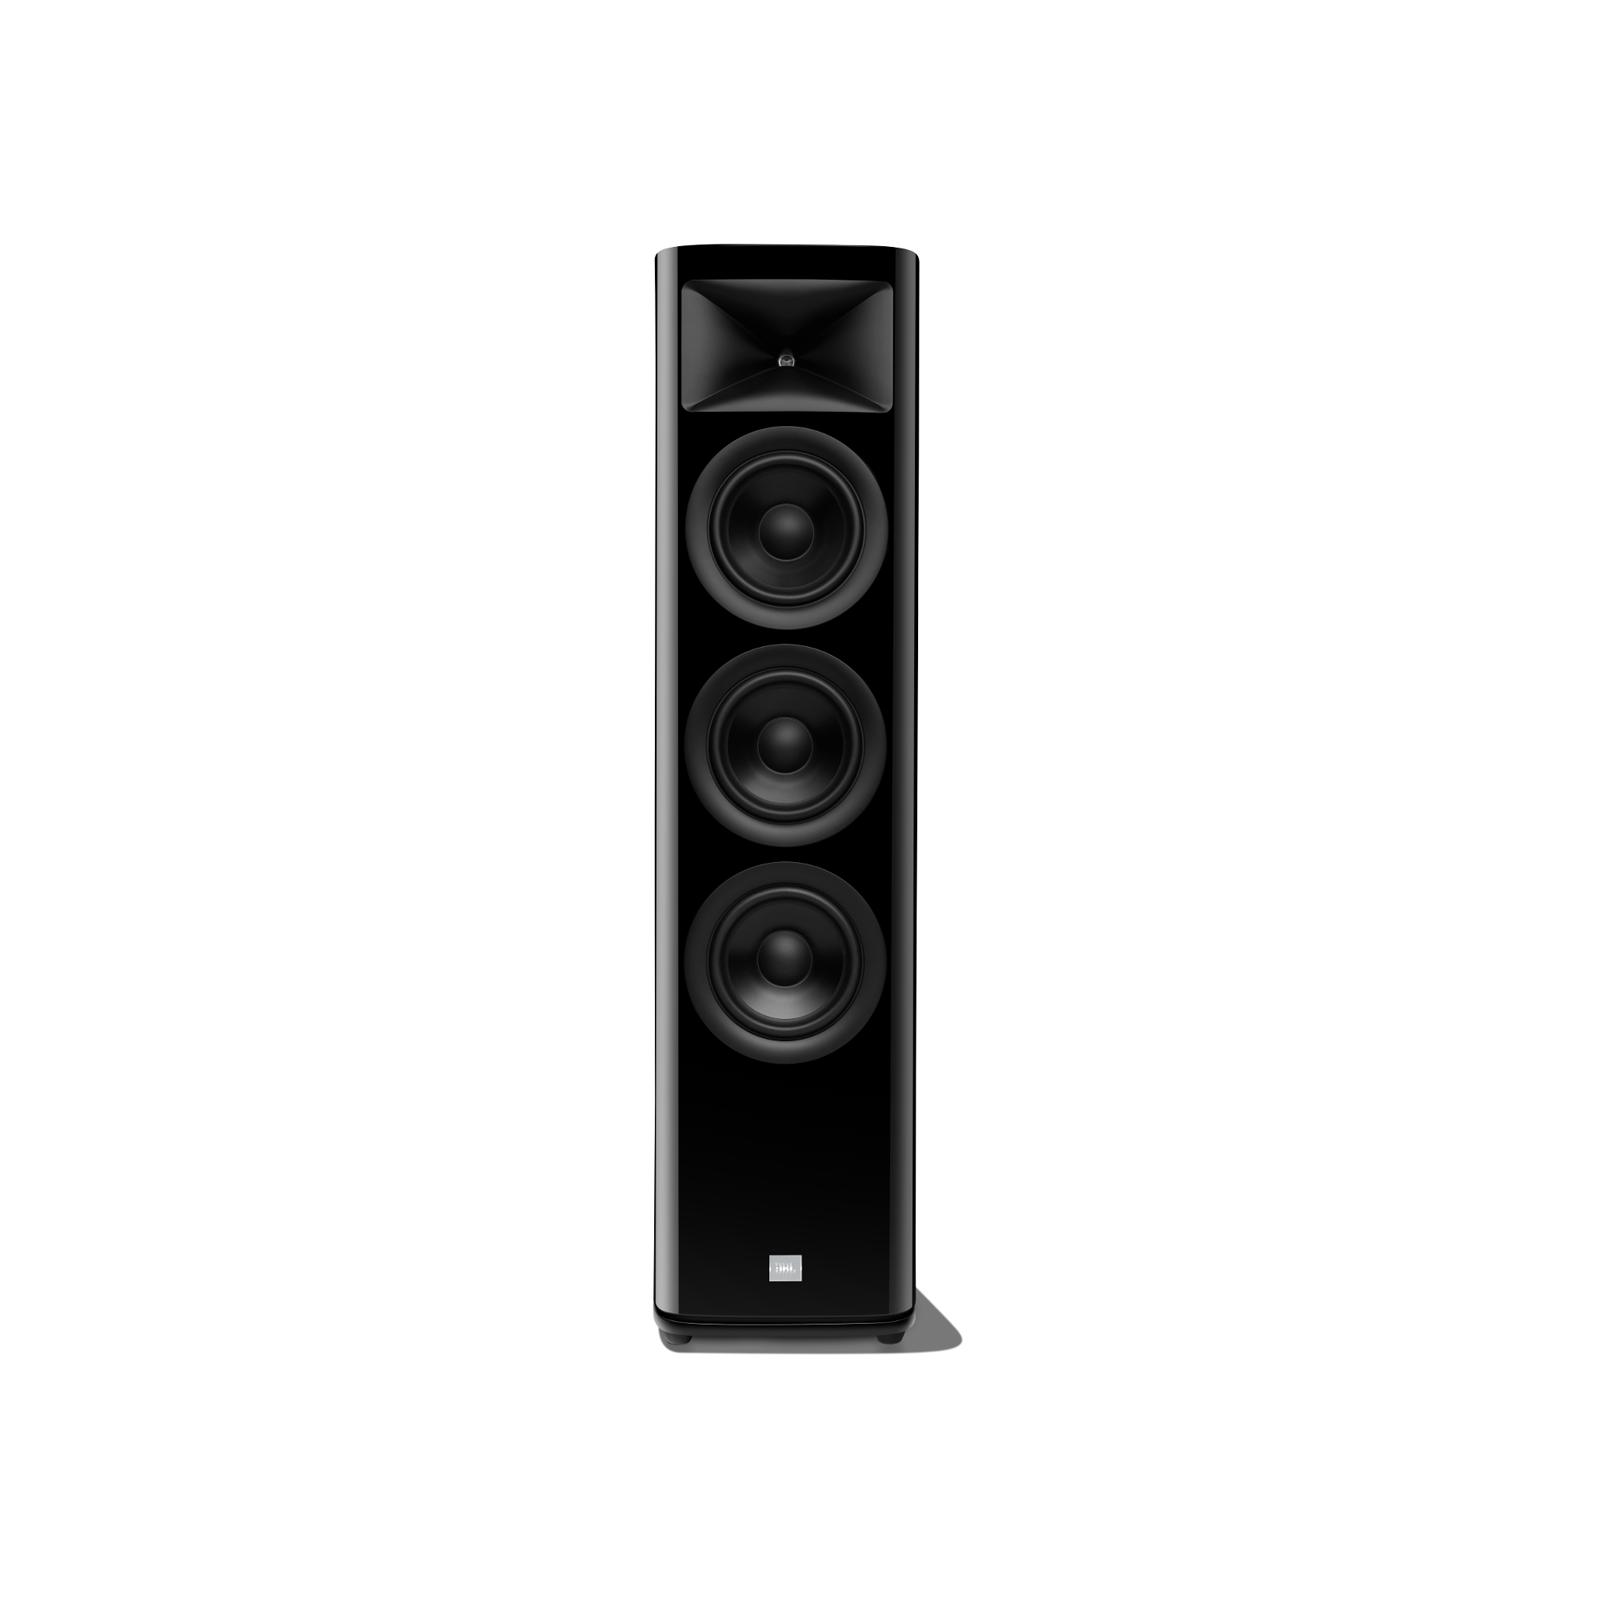 HDI-3600 - Black Gloss - 2 ½-way Triple 6.5-inch (165mm) Floorstanding Loudspeaker - Hero